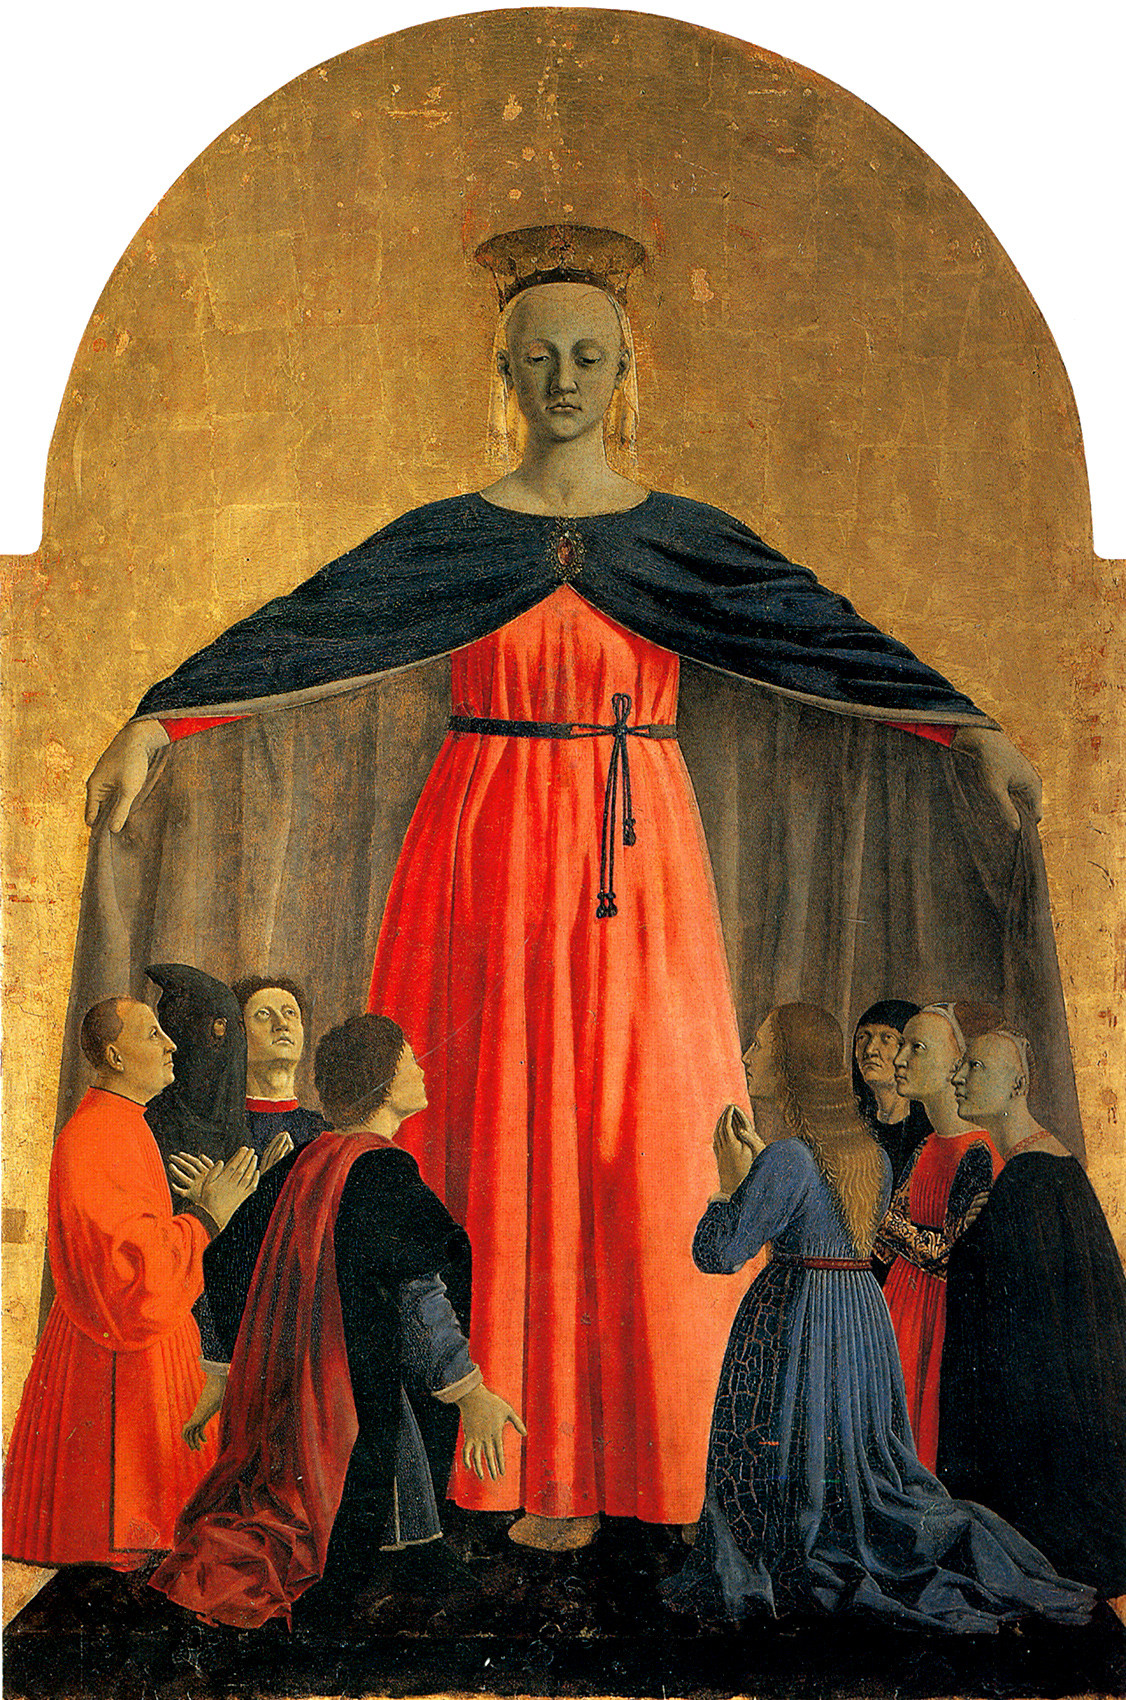 Piero della Francesca, Madonna della Misericordia, 1445-1462, olio su tavola. Museo Civico, Sansepolcro